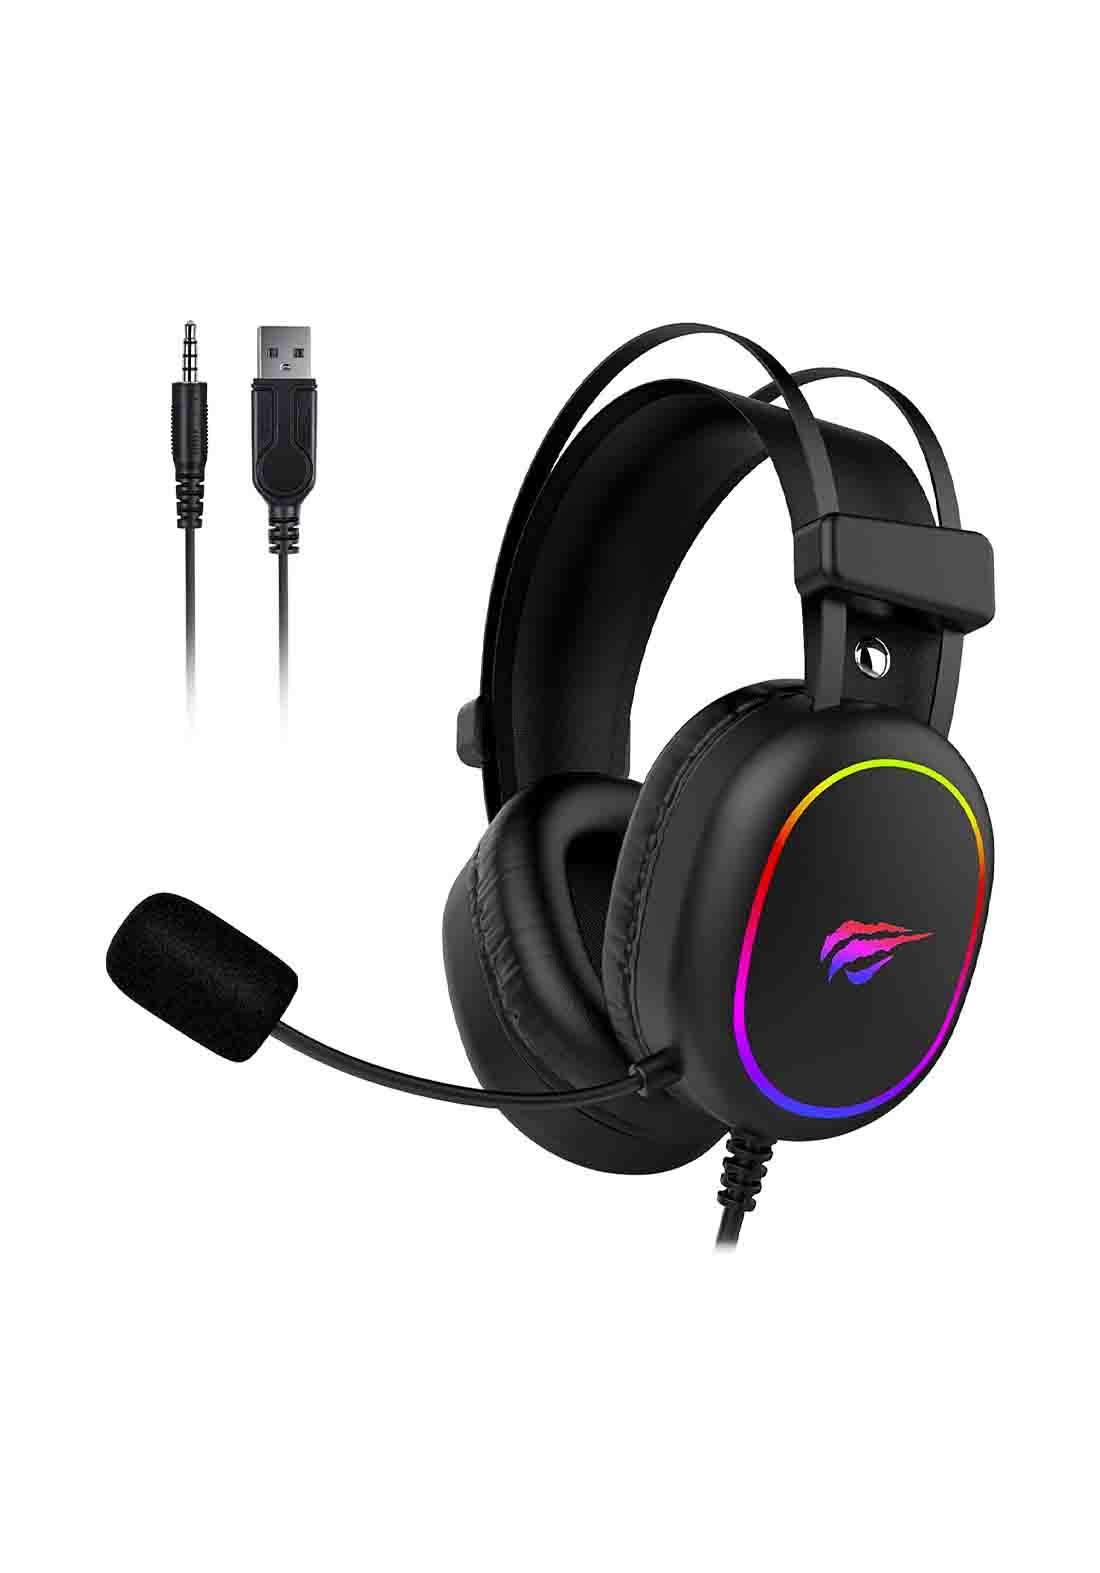 Havit HV-H2016D RGB 3.5MM + USB Gaming Headphone  -  Black  سماعة